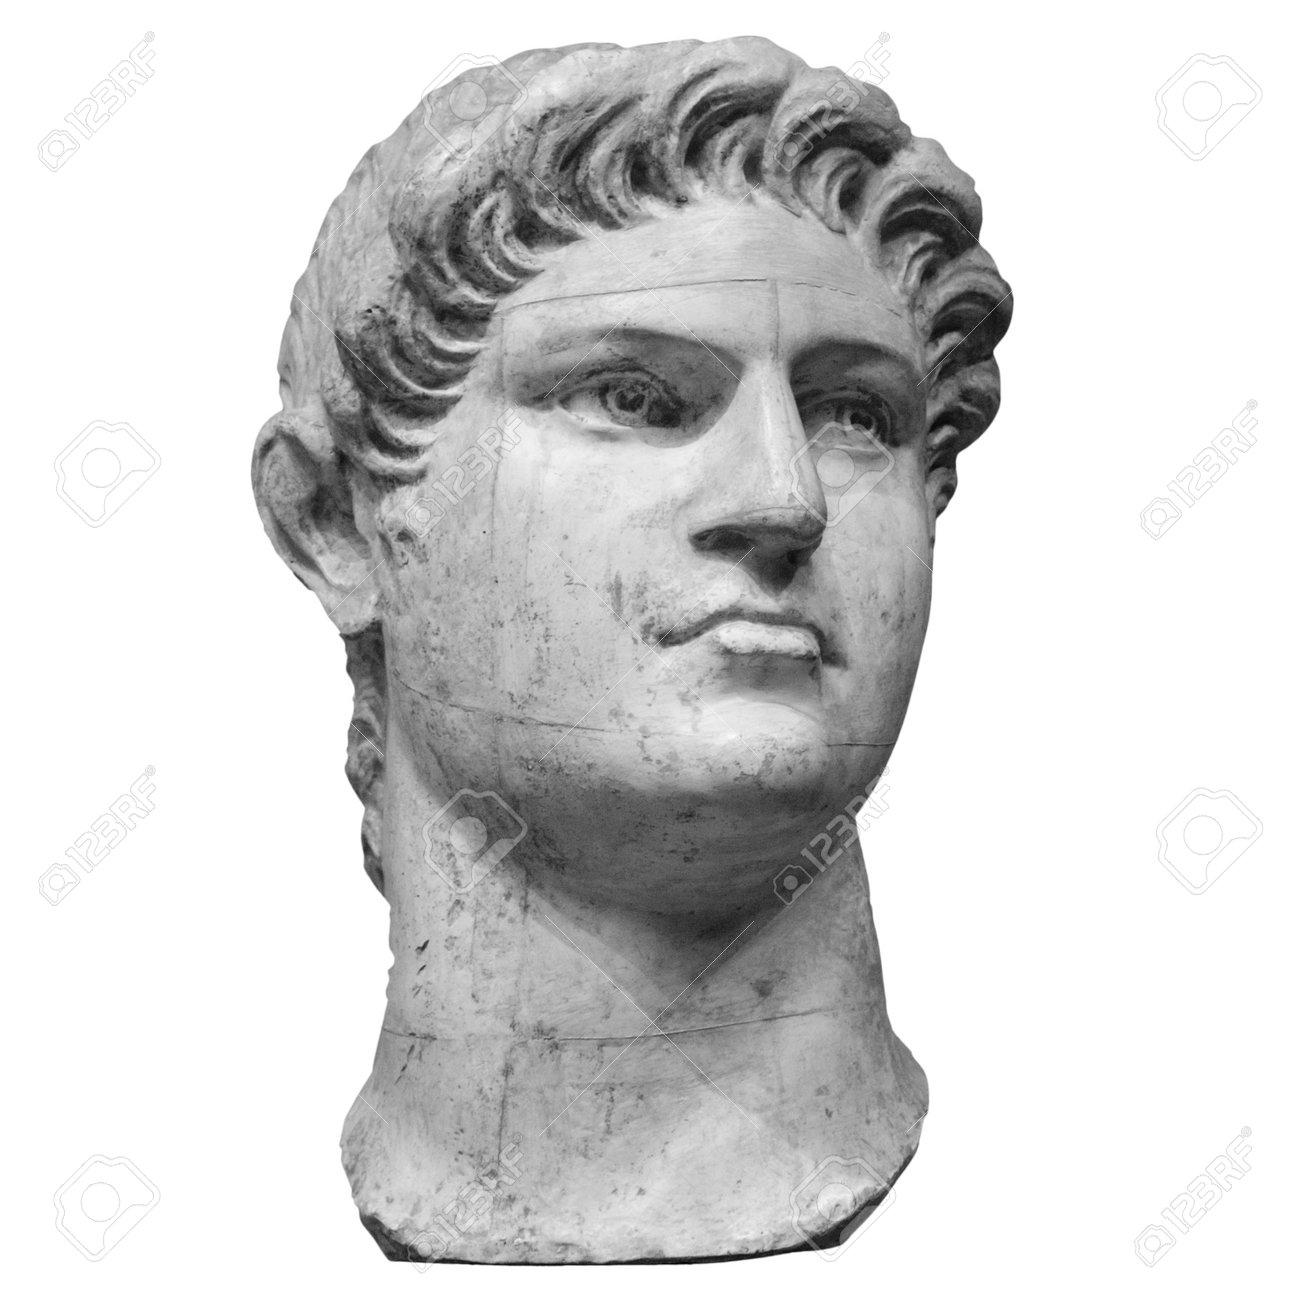 Portrait of roman emperor Nero Claudius Caesar Augustus Germanicus